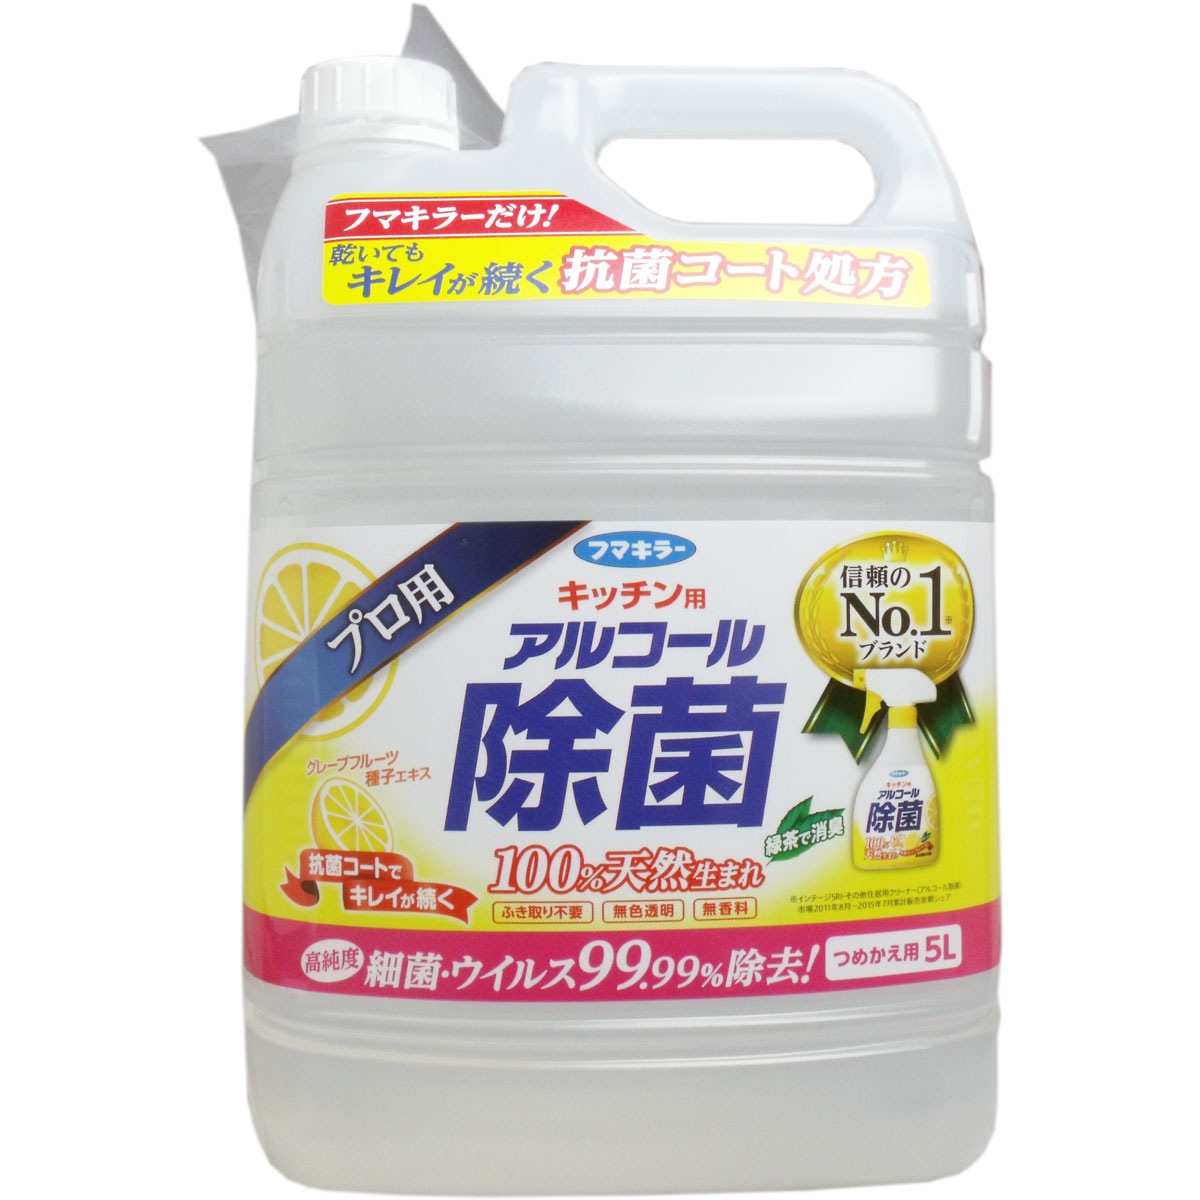 フマキラー キッチン用アルコール除菌 プロ用 詰替用 5L